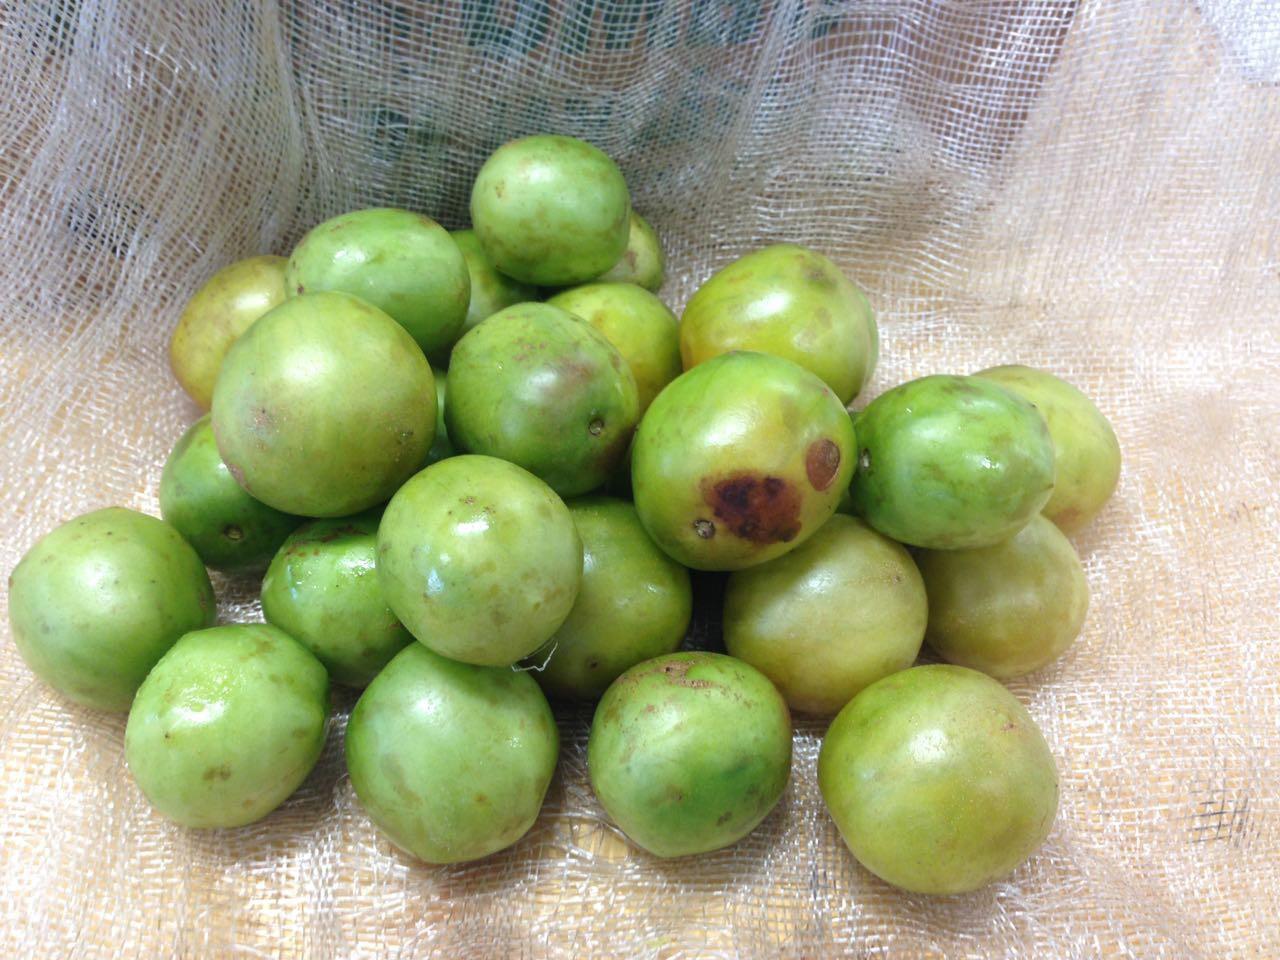 umbu-imbu-fruta-fruto-receita (Foto: Nathalia Fabro/ Editora Globo)